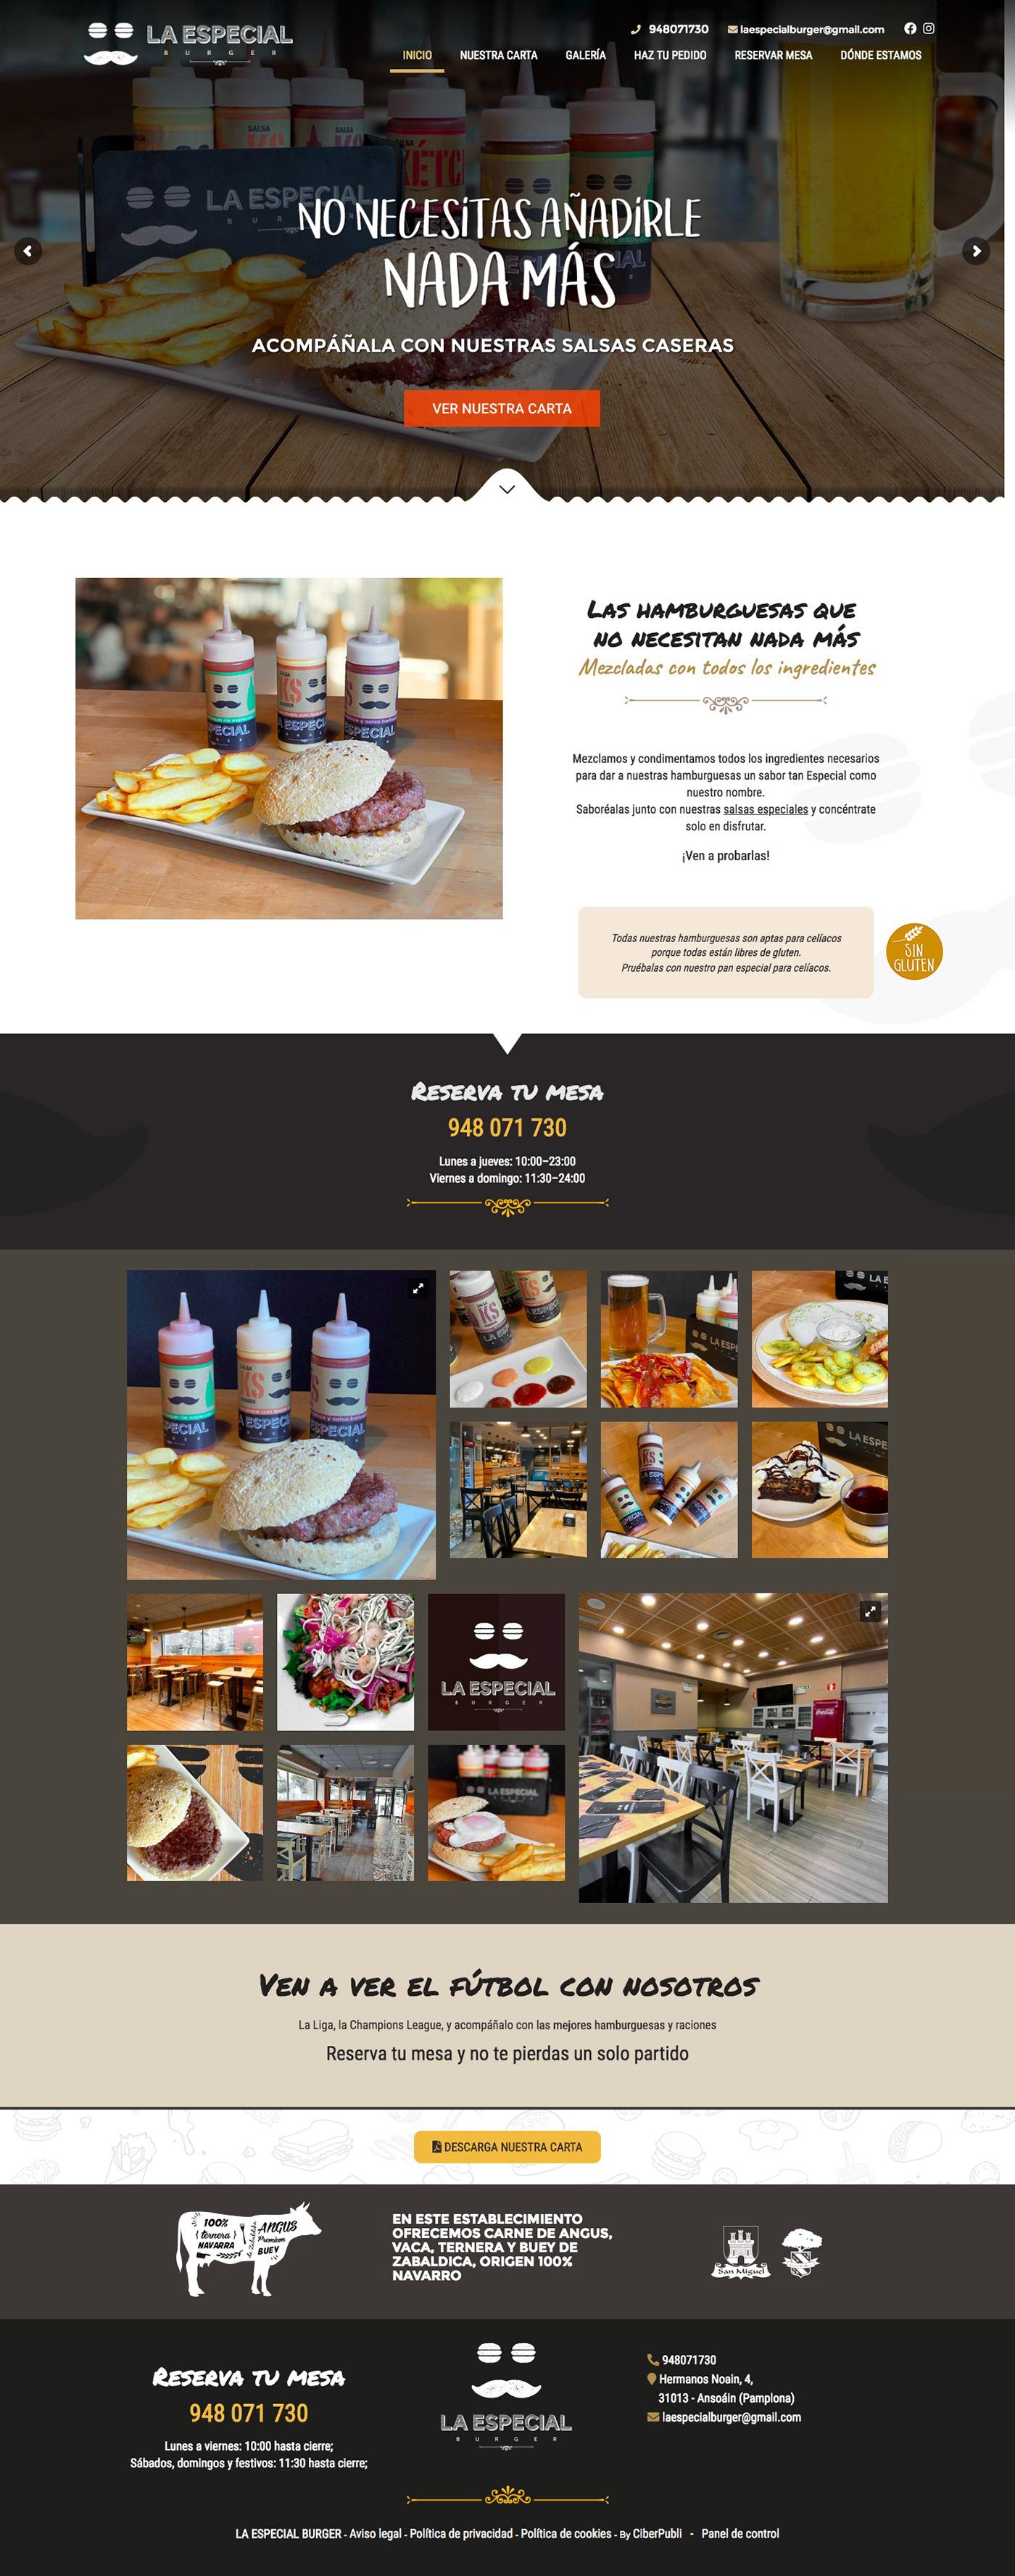 desarrollo web Diseño web Diseño Web Restaurante foto composicion retoque fotográfico ux/ui